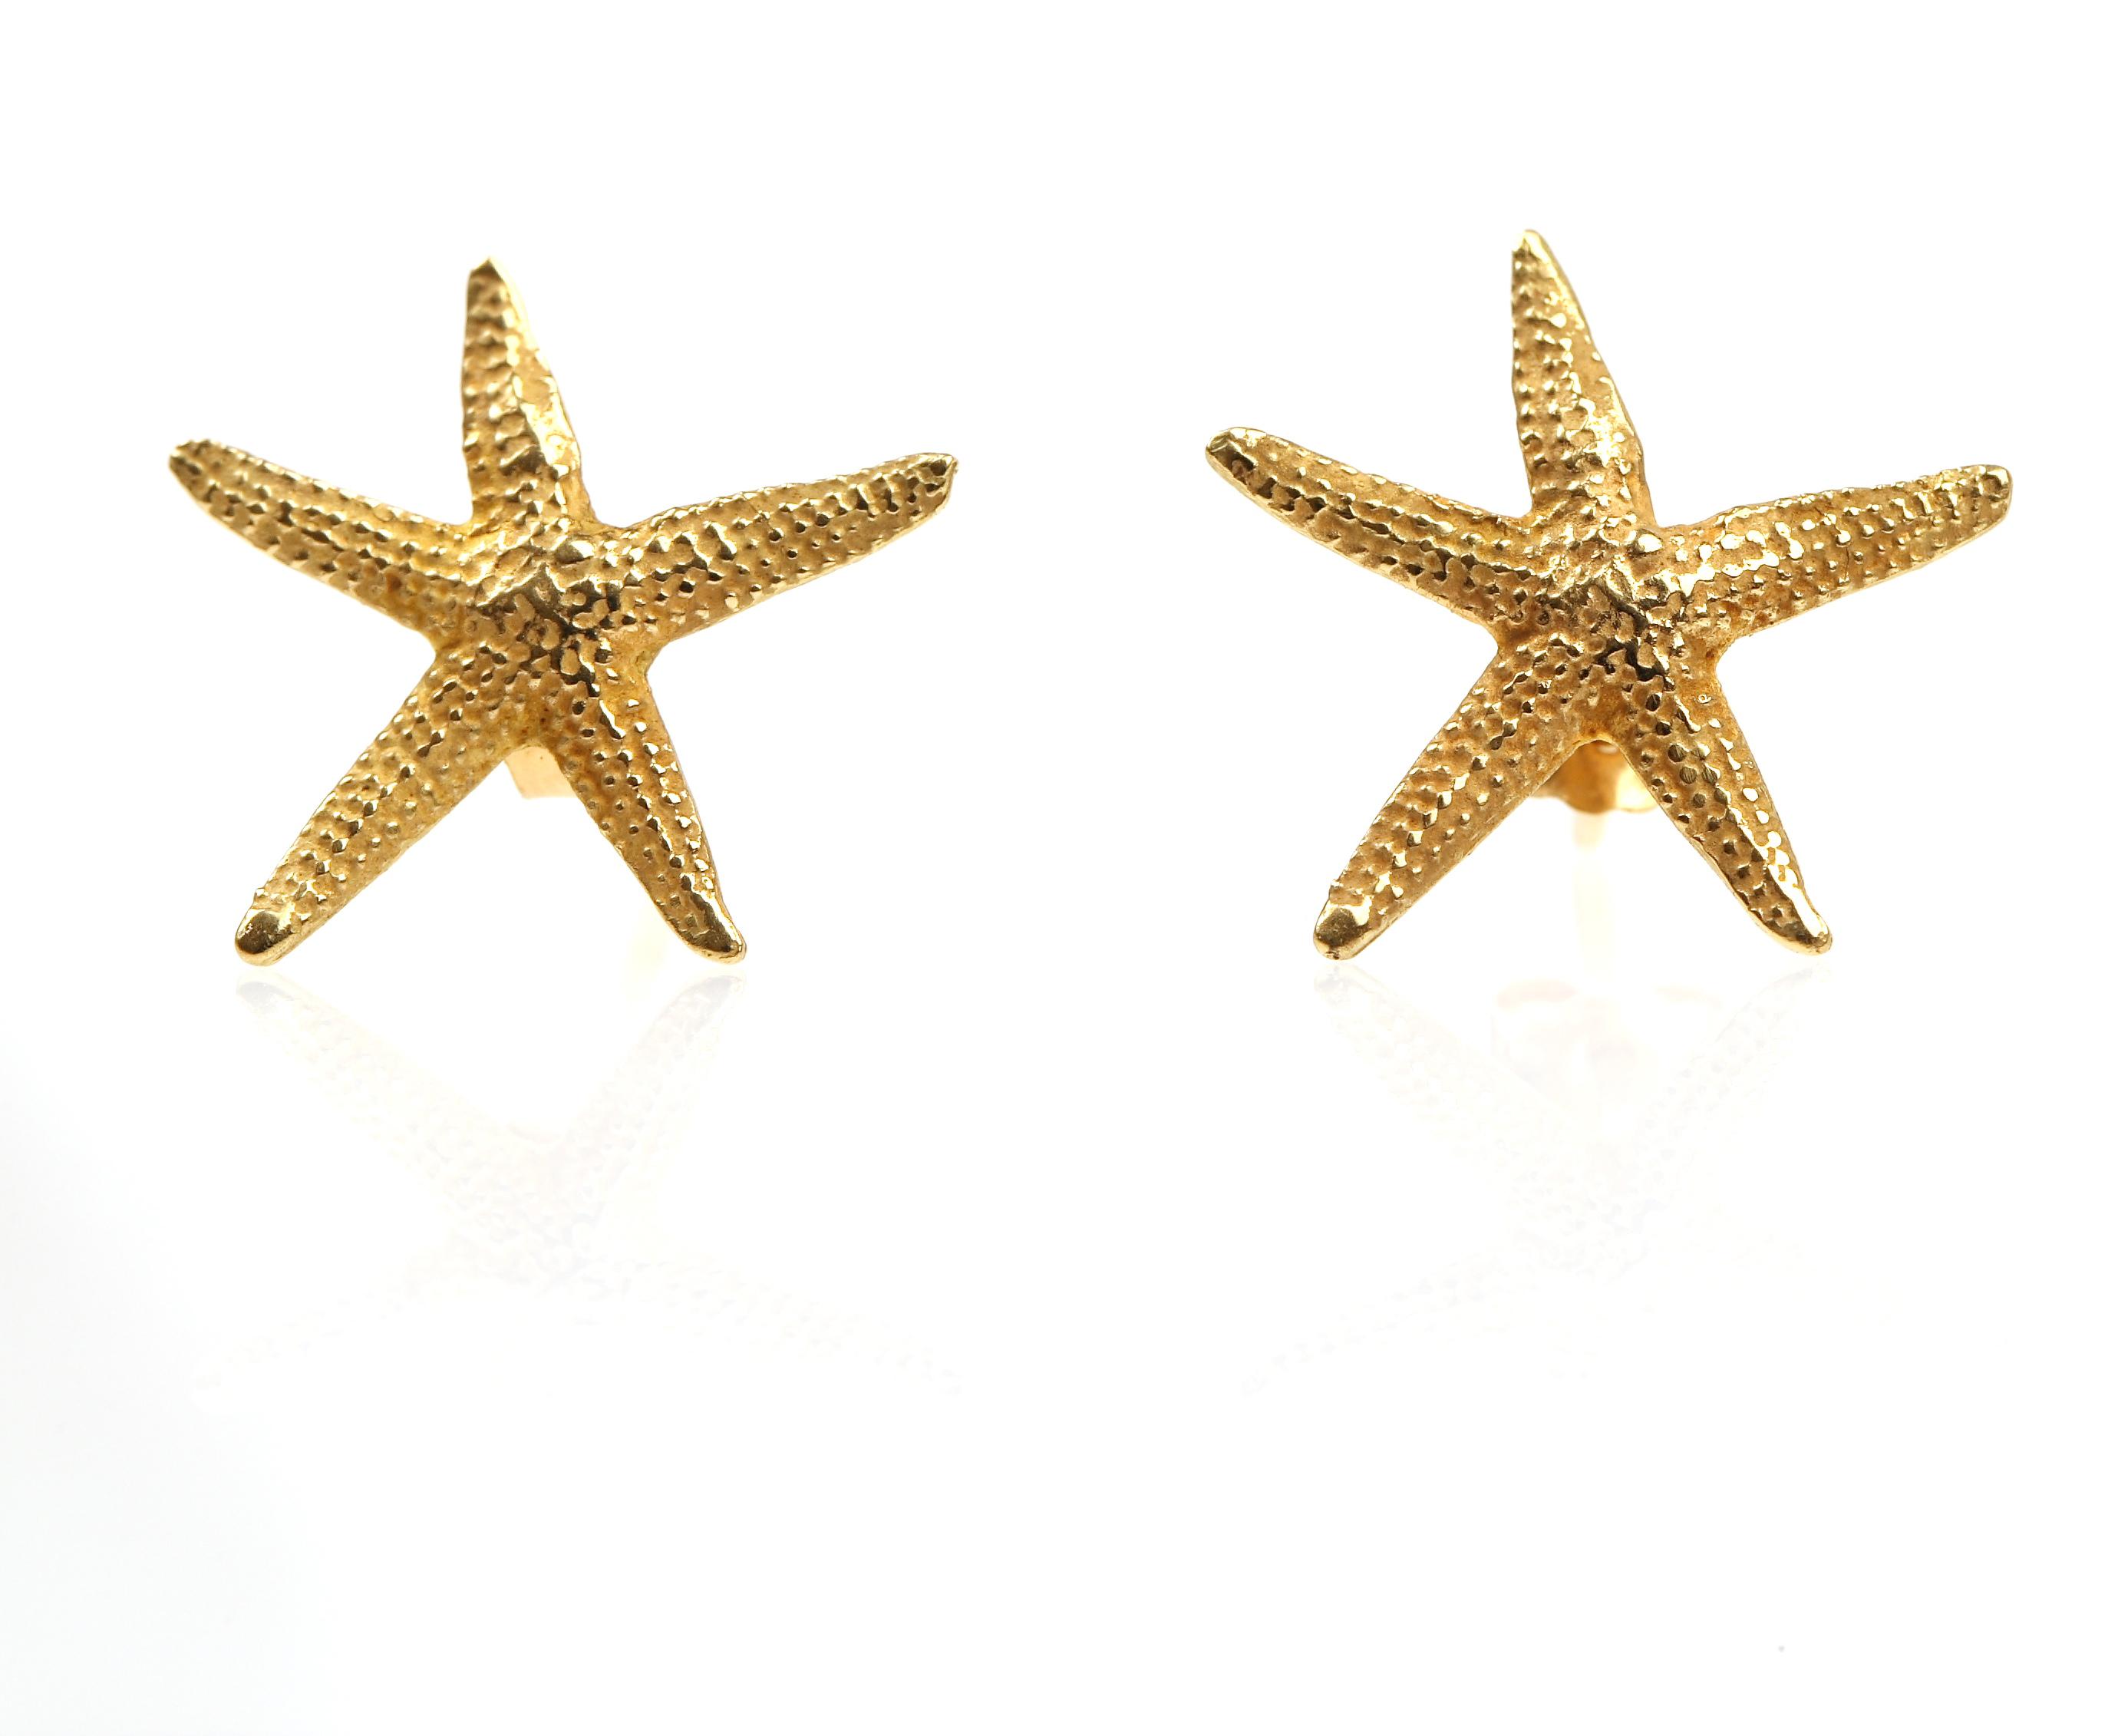 624a70c30658 SB18 Pendientes de oro de primera ley estrellas de mar